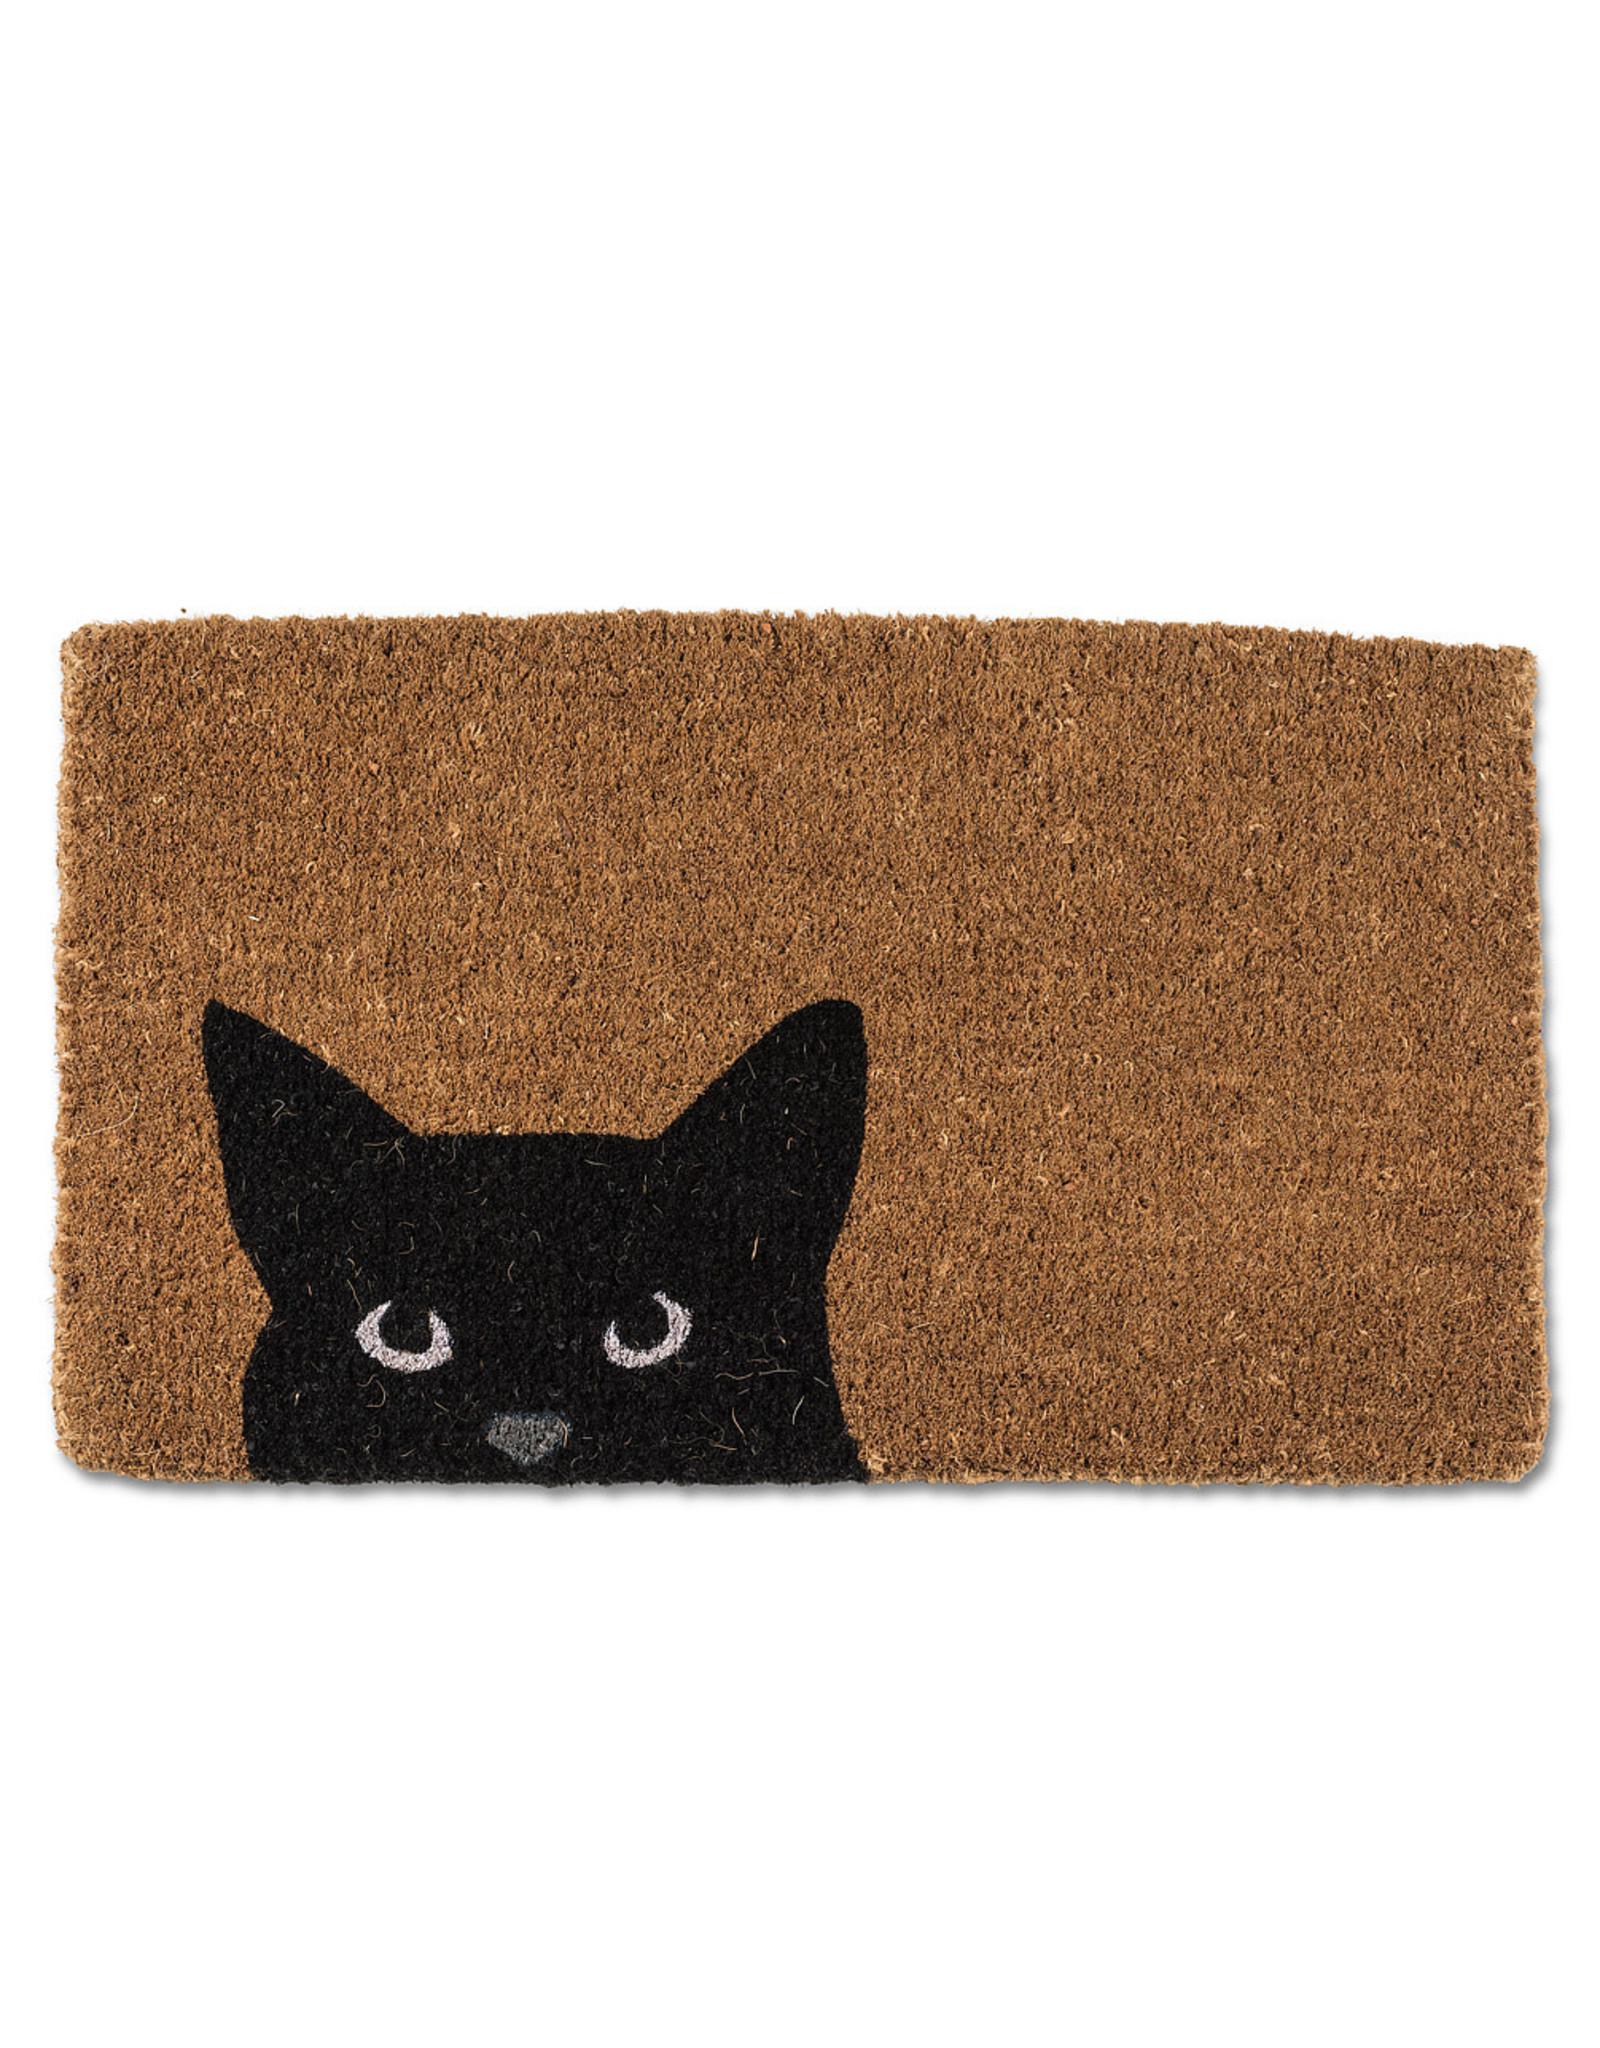 Peeking Cat Doormat